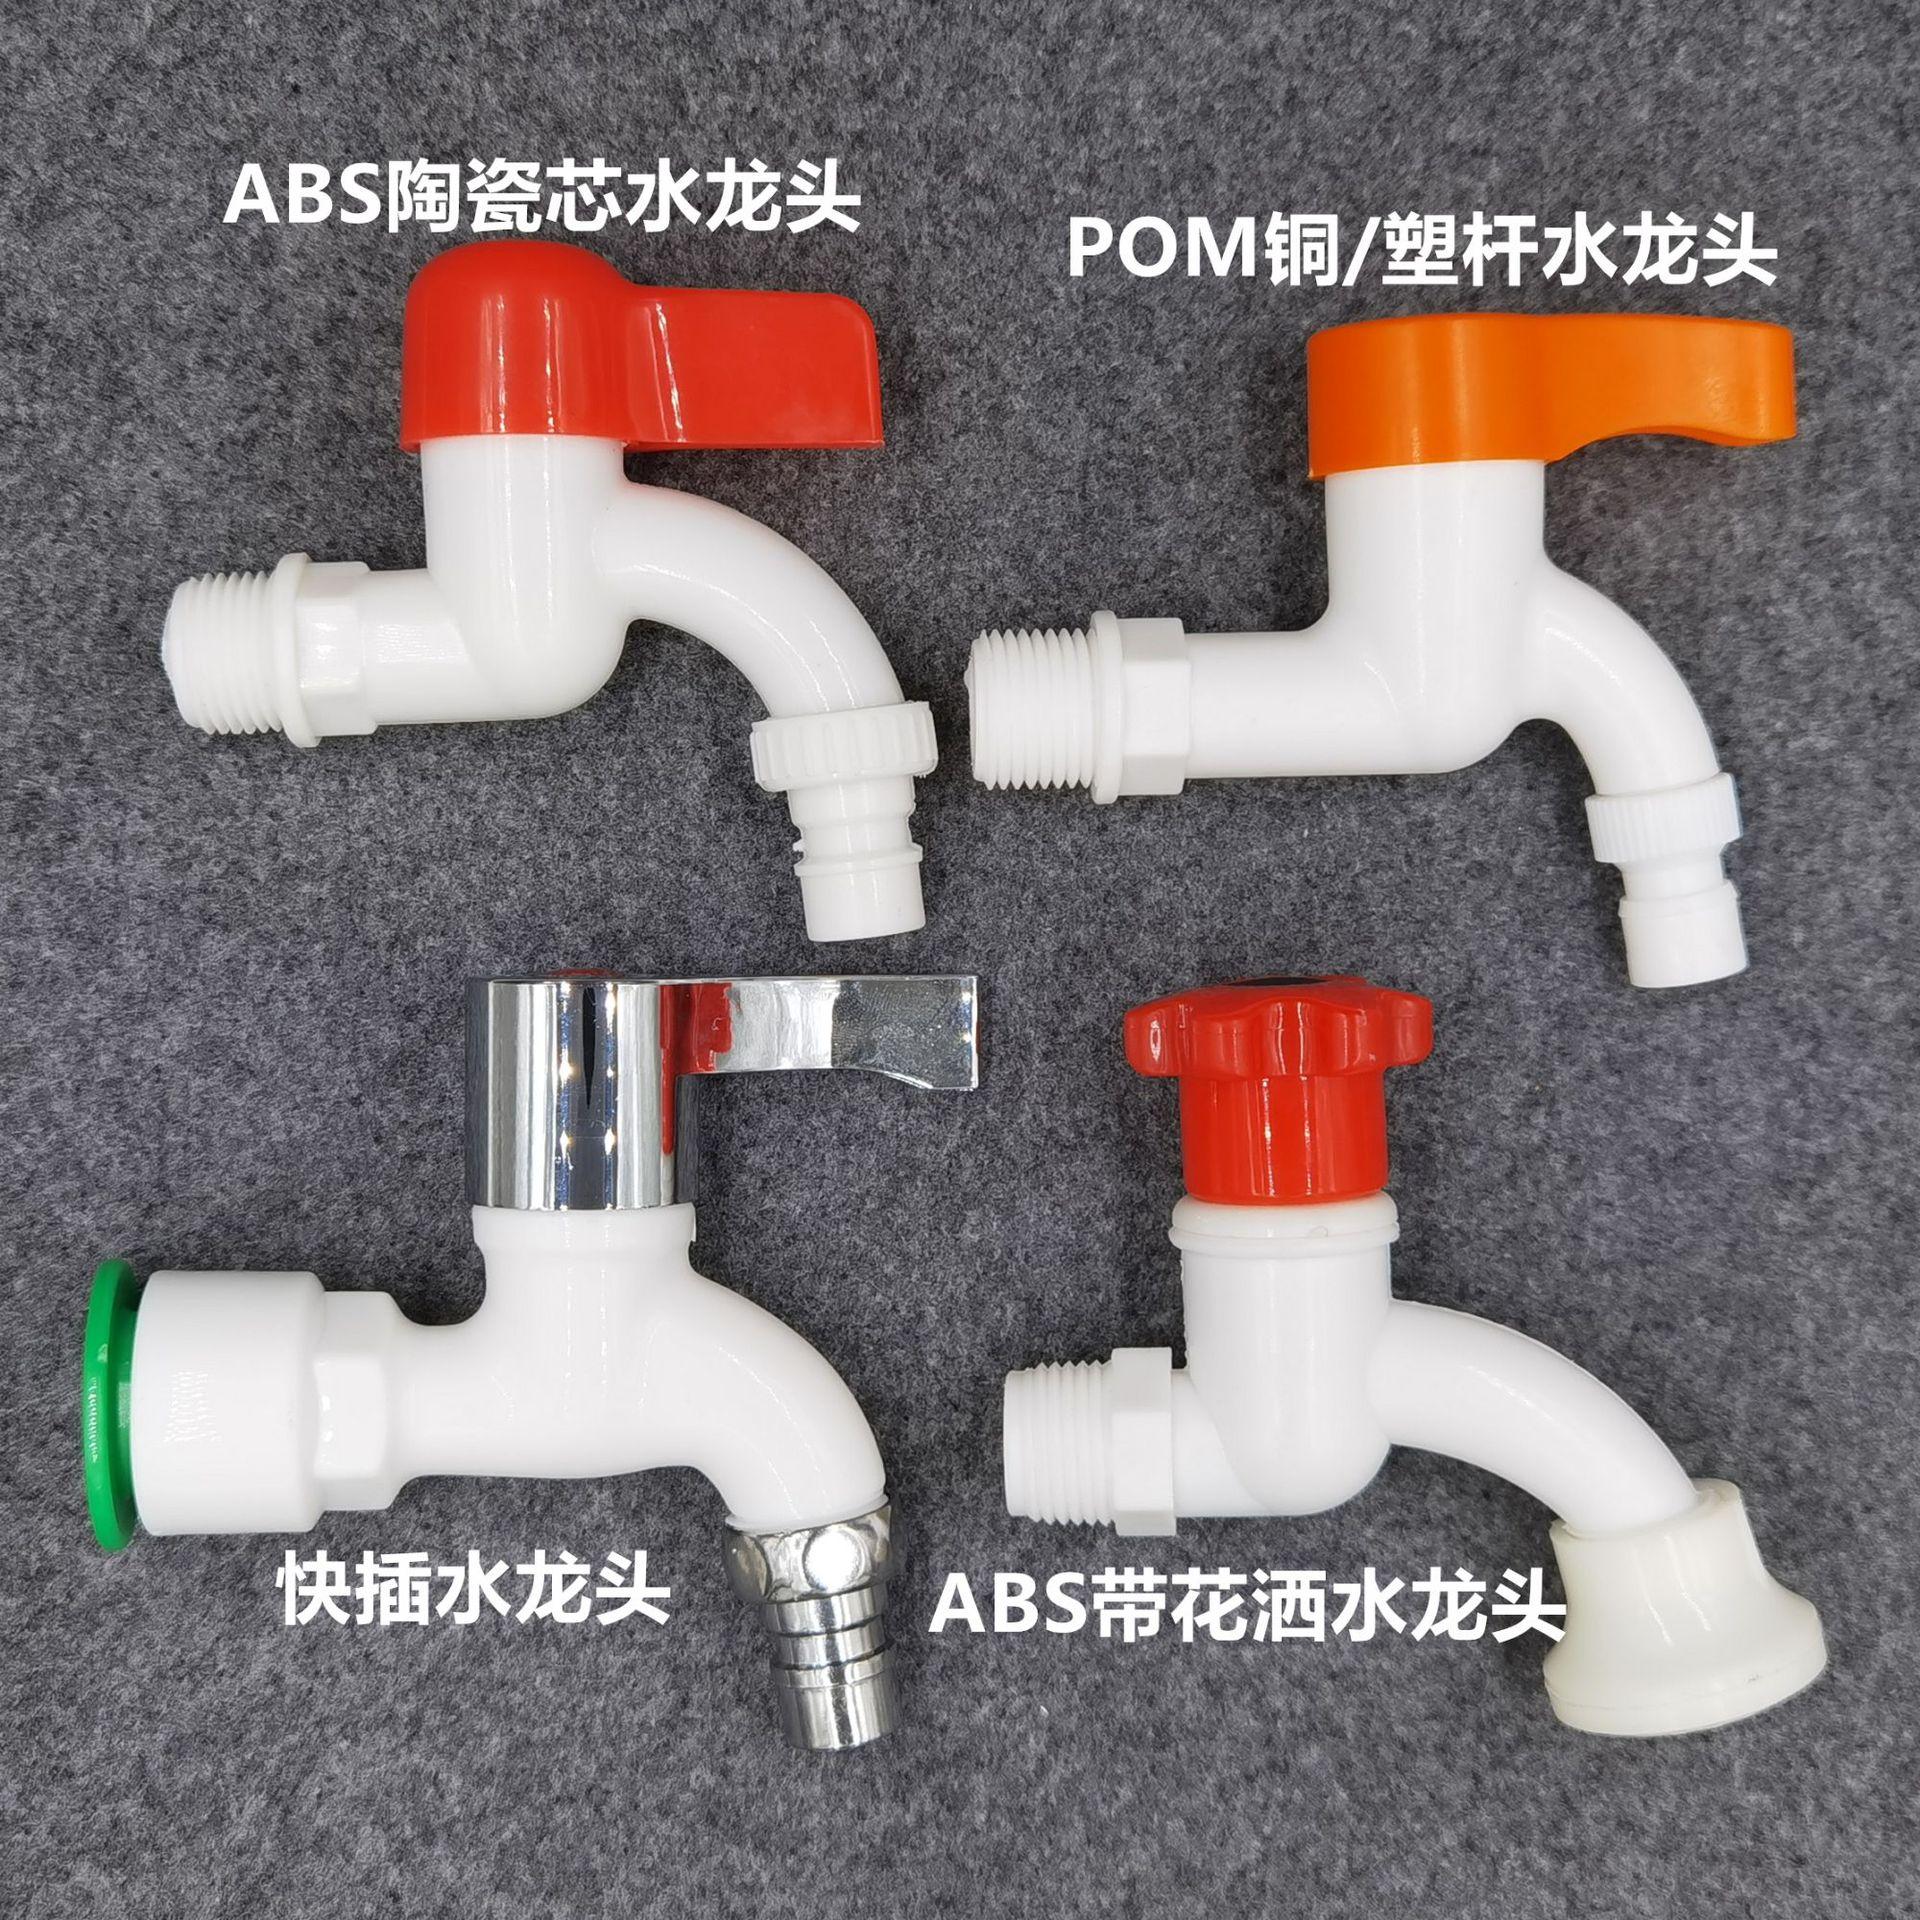 定制ABS塑料水龙头 陶瓷芯面盆手动水龙头 螺纹单冷洗衣机龙头